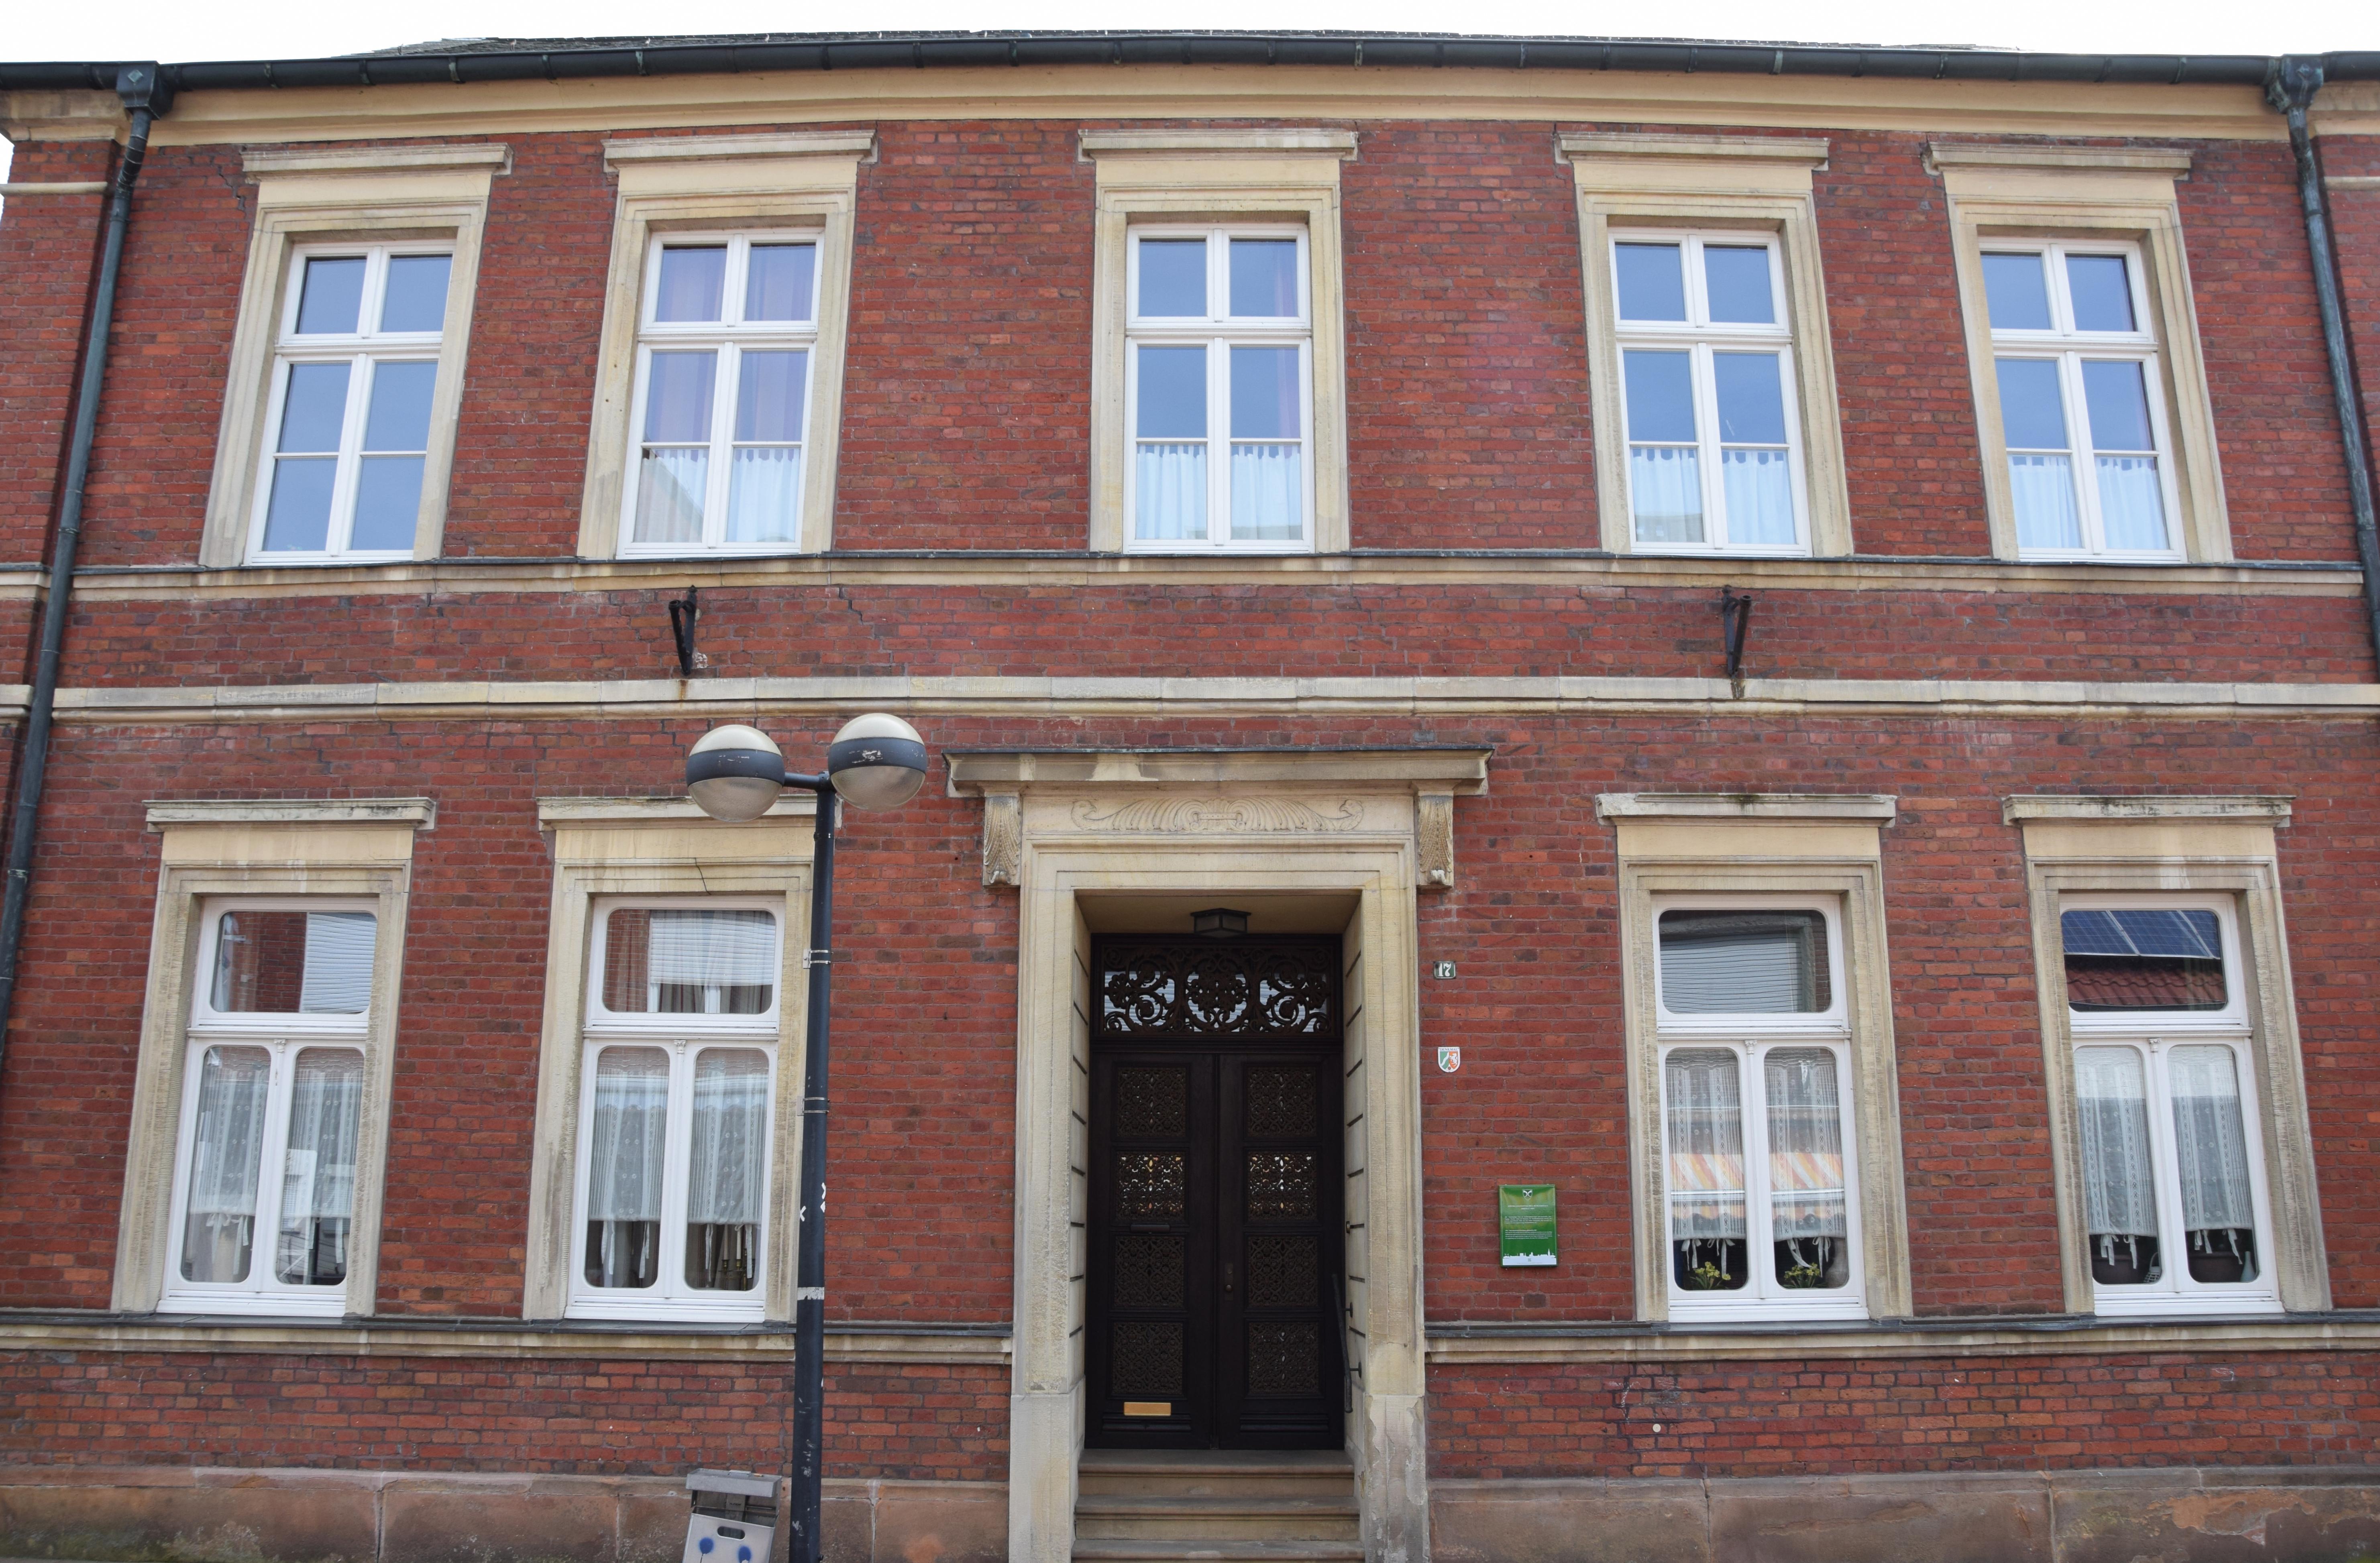 Künstlerisch Fassade Haus Ideen Von File:gescher, Eckrodt.jpg